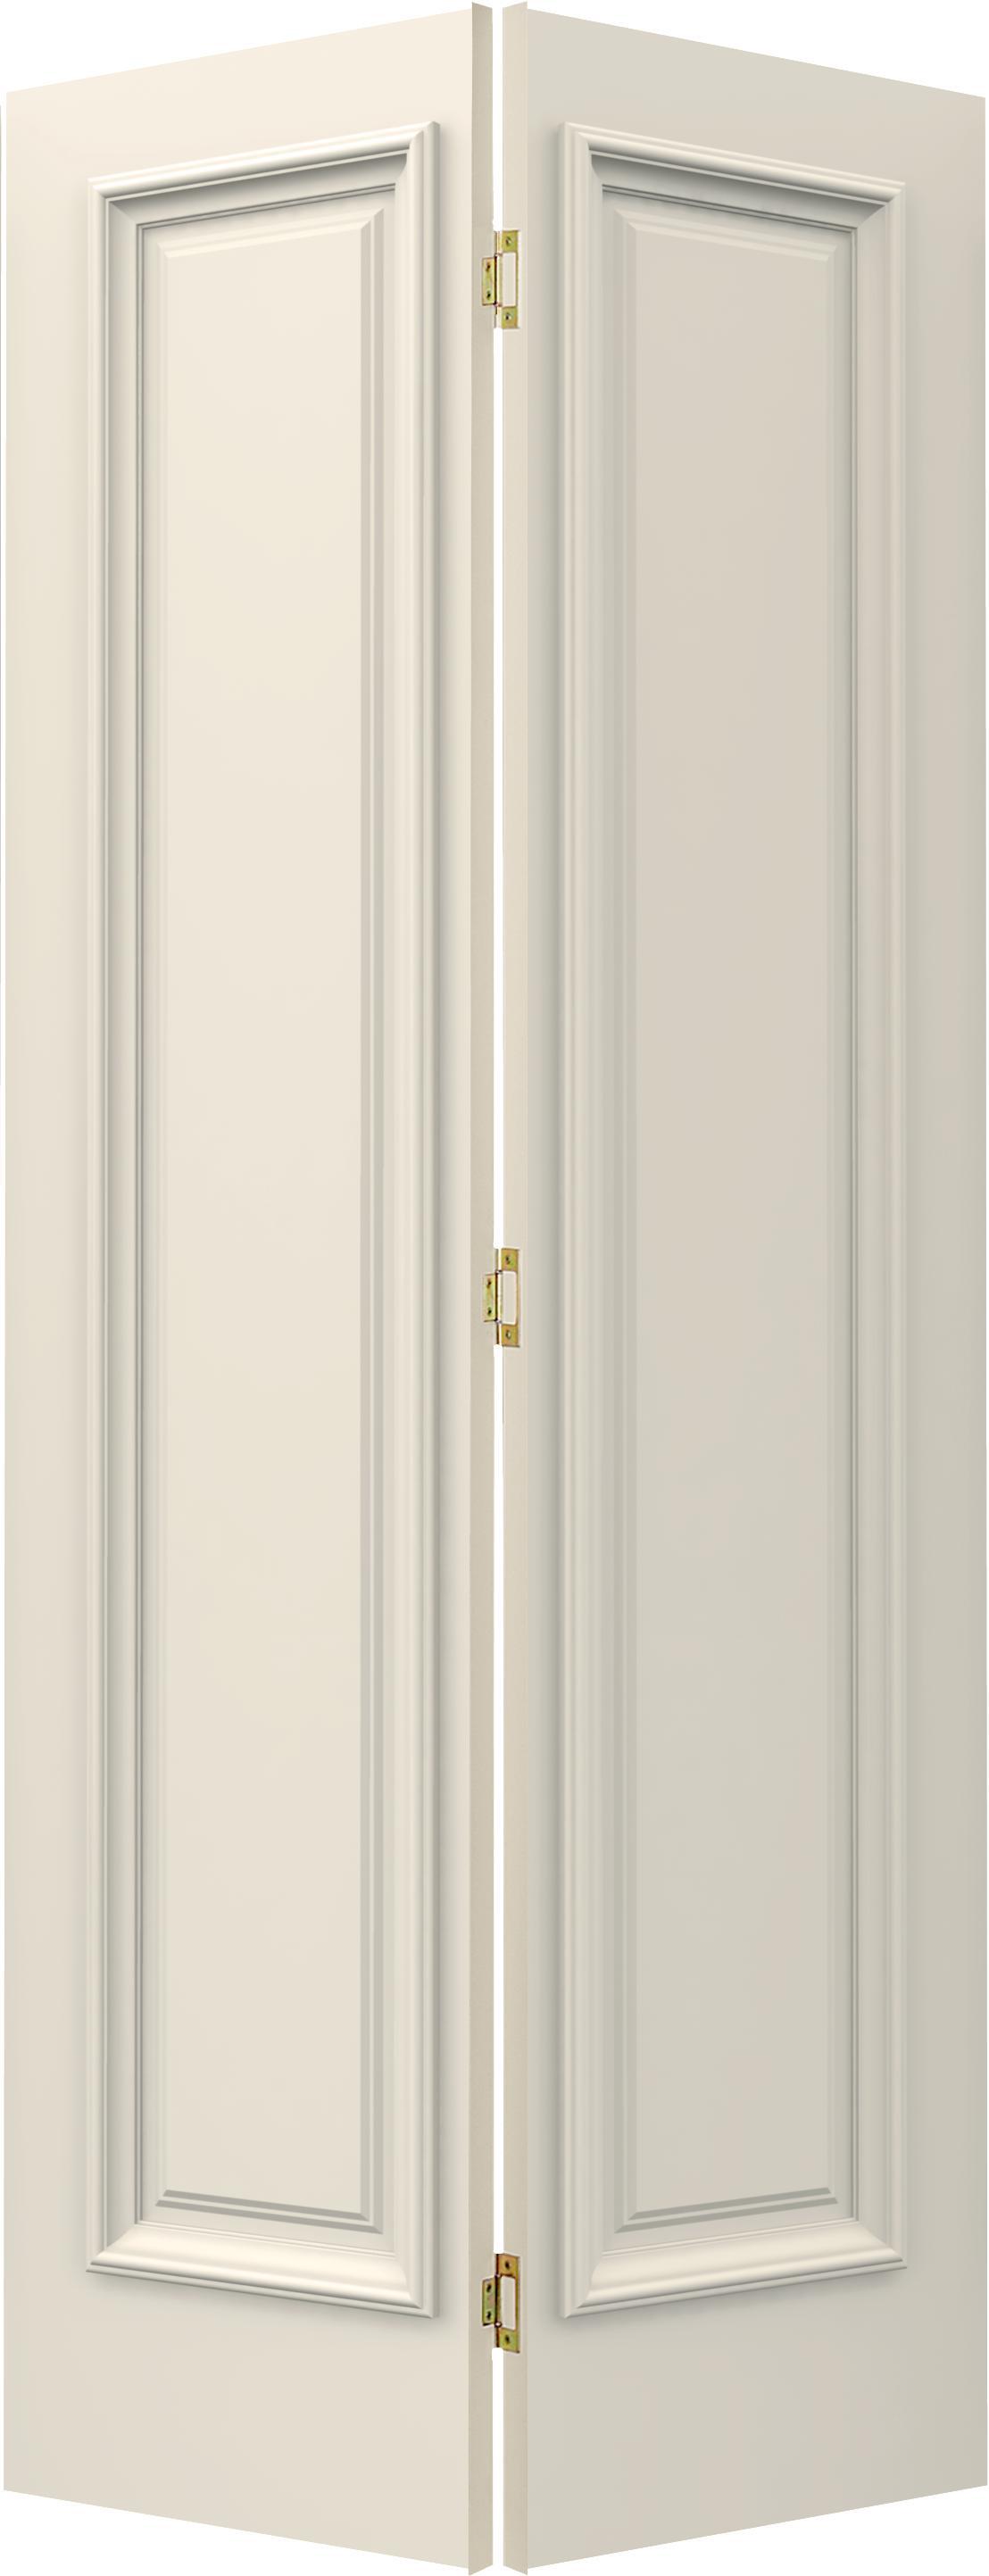 Tria Composite R Series Bifold Interior Door Jeld Wen Windows Doors